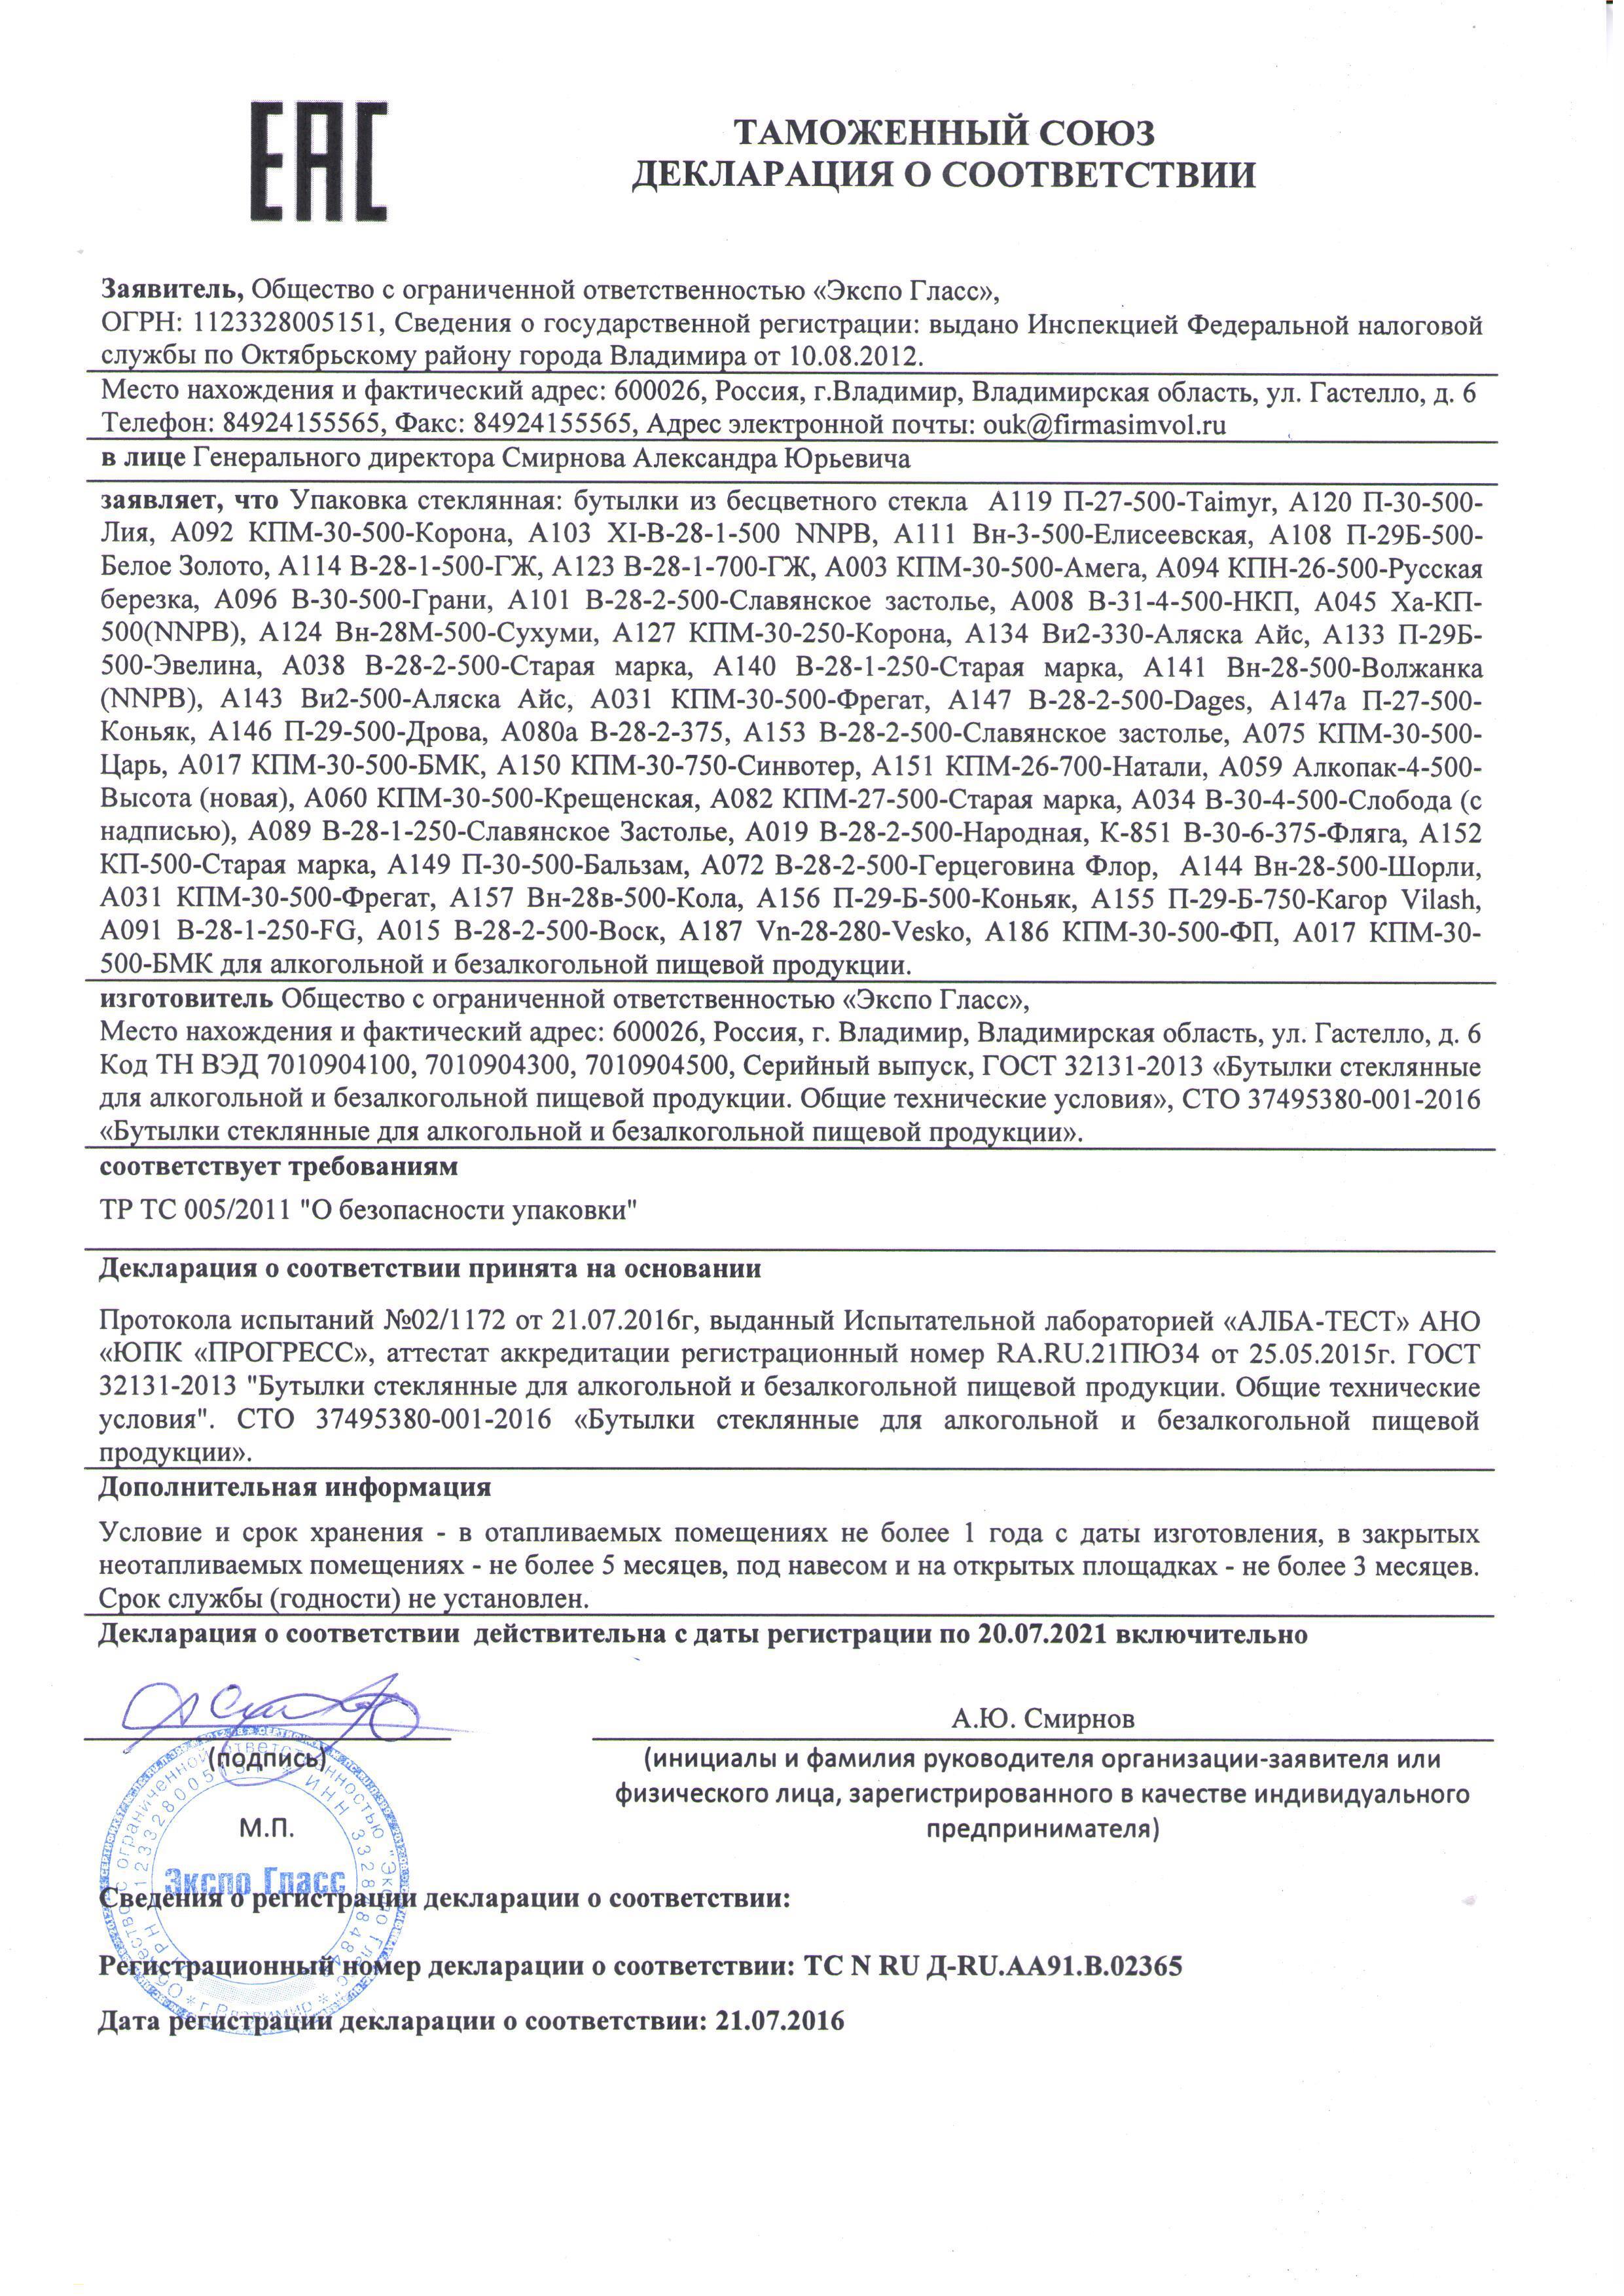 ТС № RU Д-RU АА91.В.02365